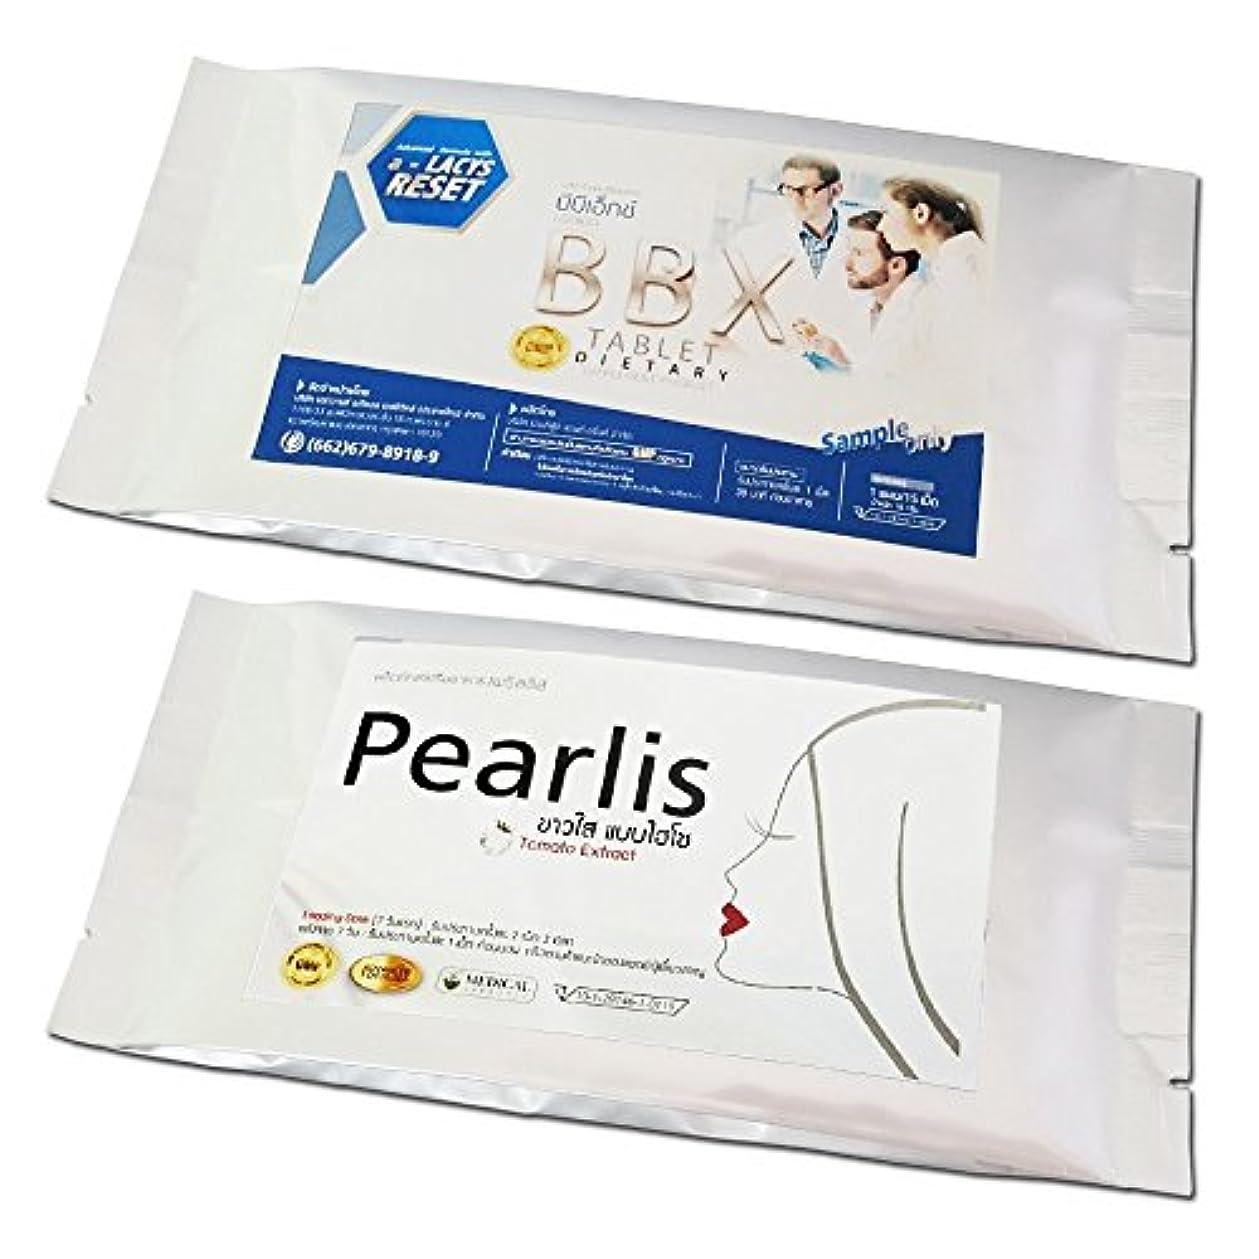 虐待適応するドラゴンビービーエックス BBX & ペアリス Pealis ダブルパックセット 公式パンフレット&説明書付き 1箱+1袋合計60錠